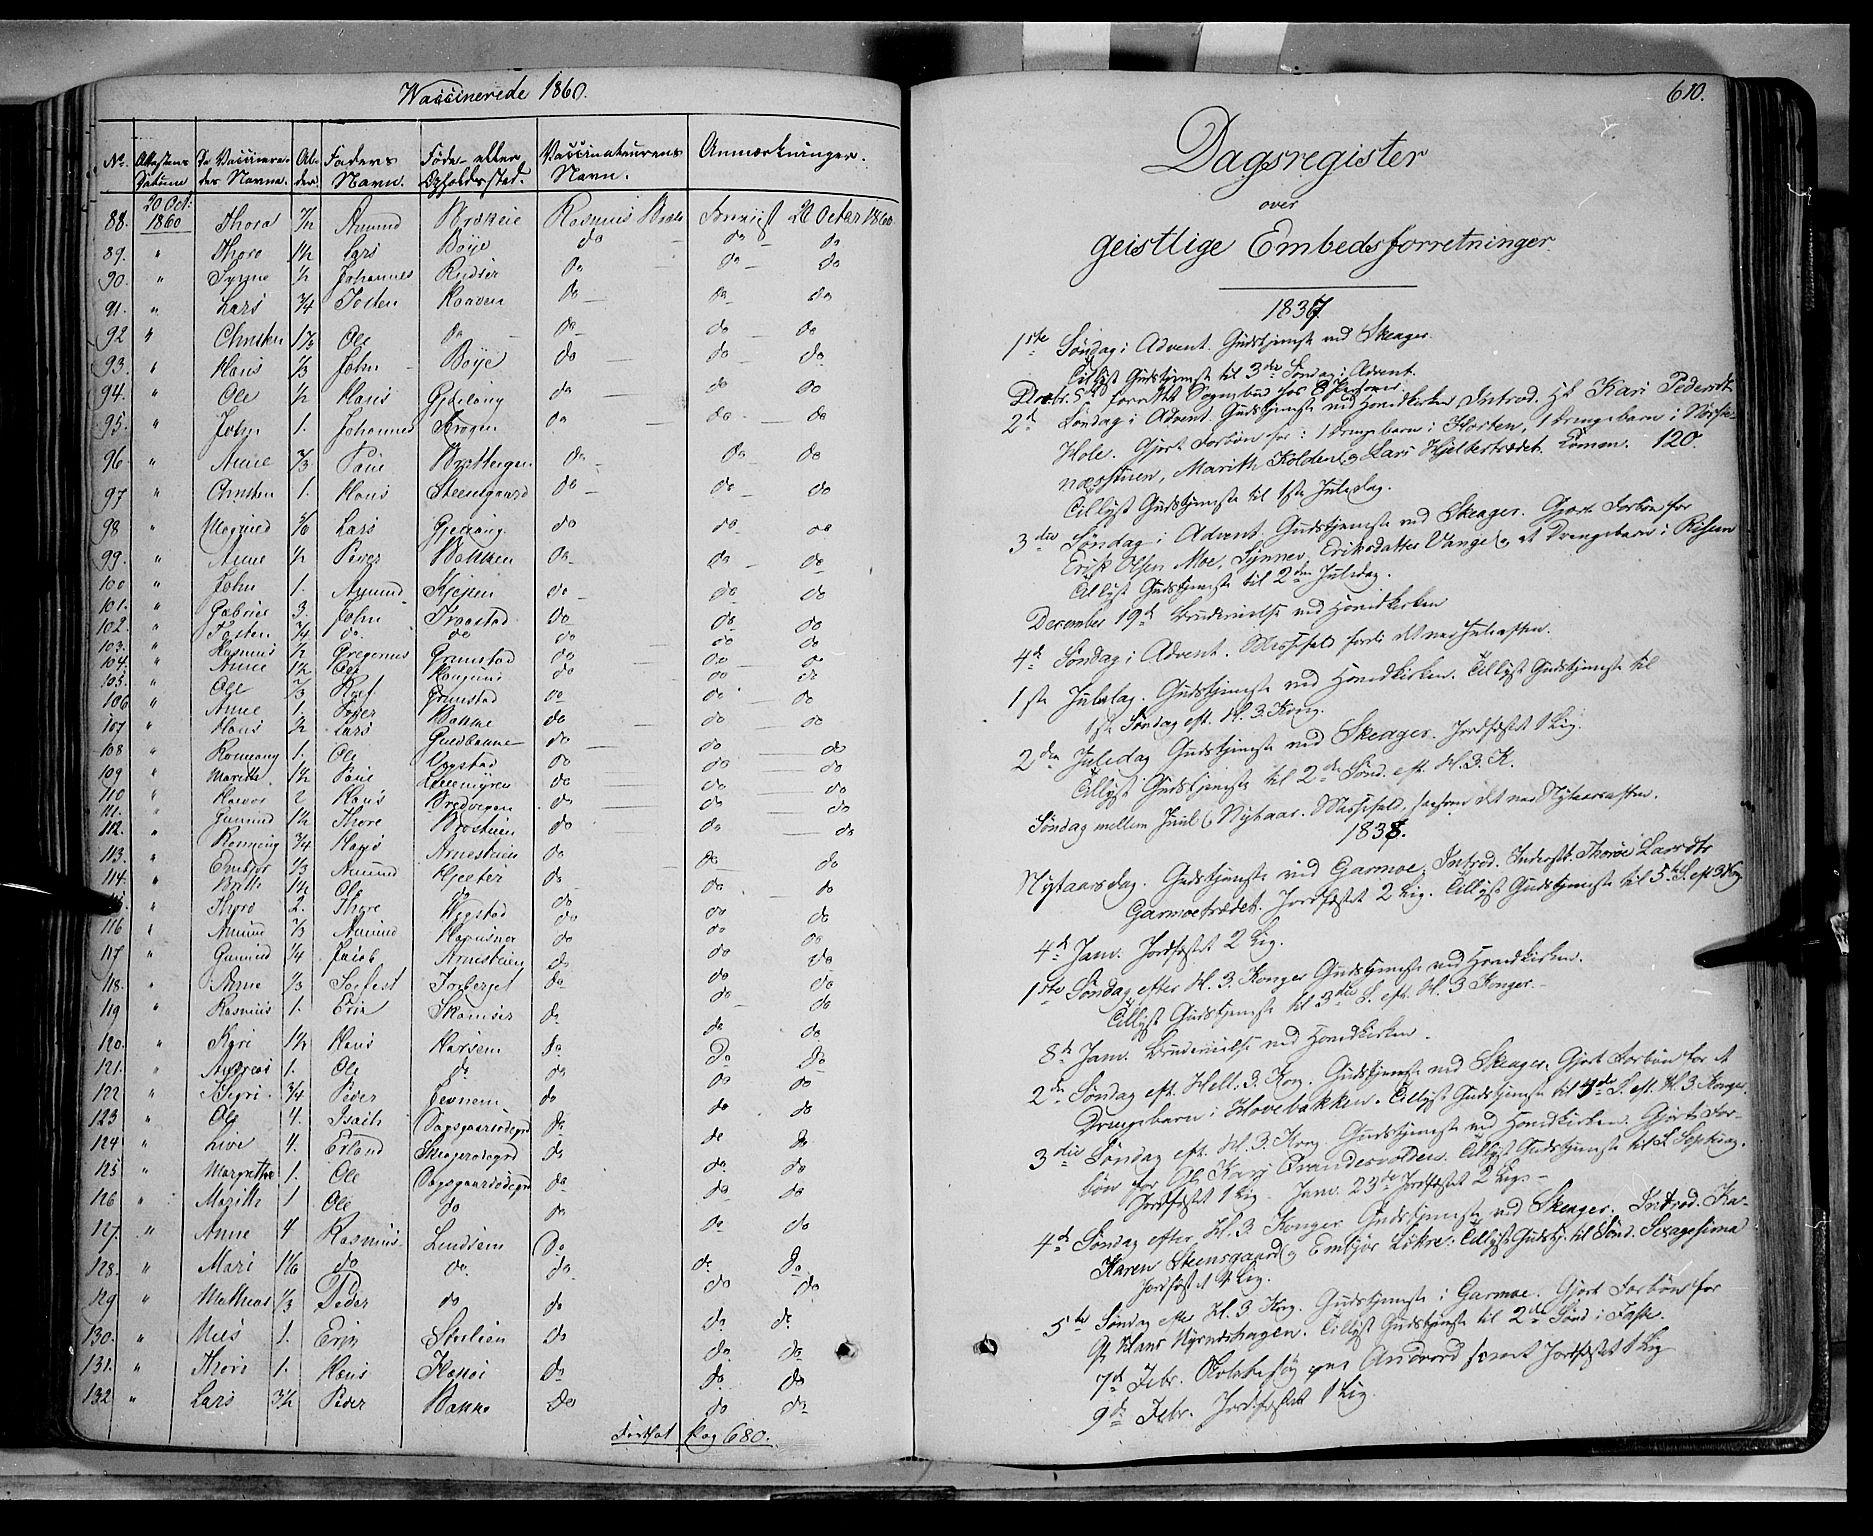 SAH, Lom prestekontor, K/L0006: Ministerialbok nr. 6B, 1837-1863, s. 610